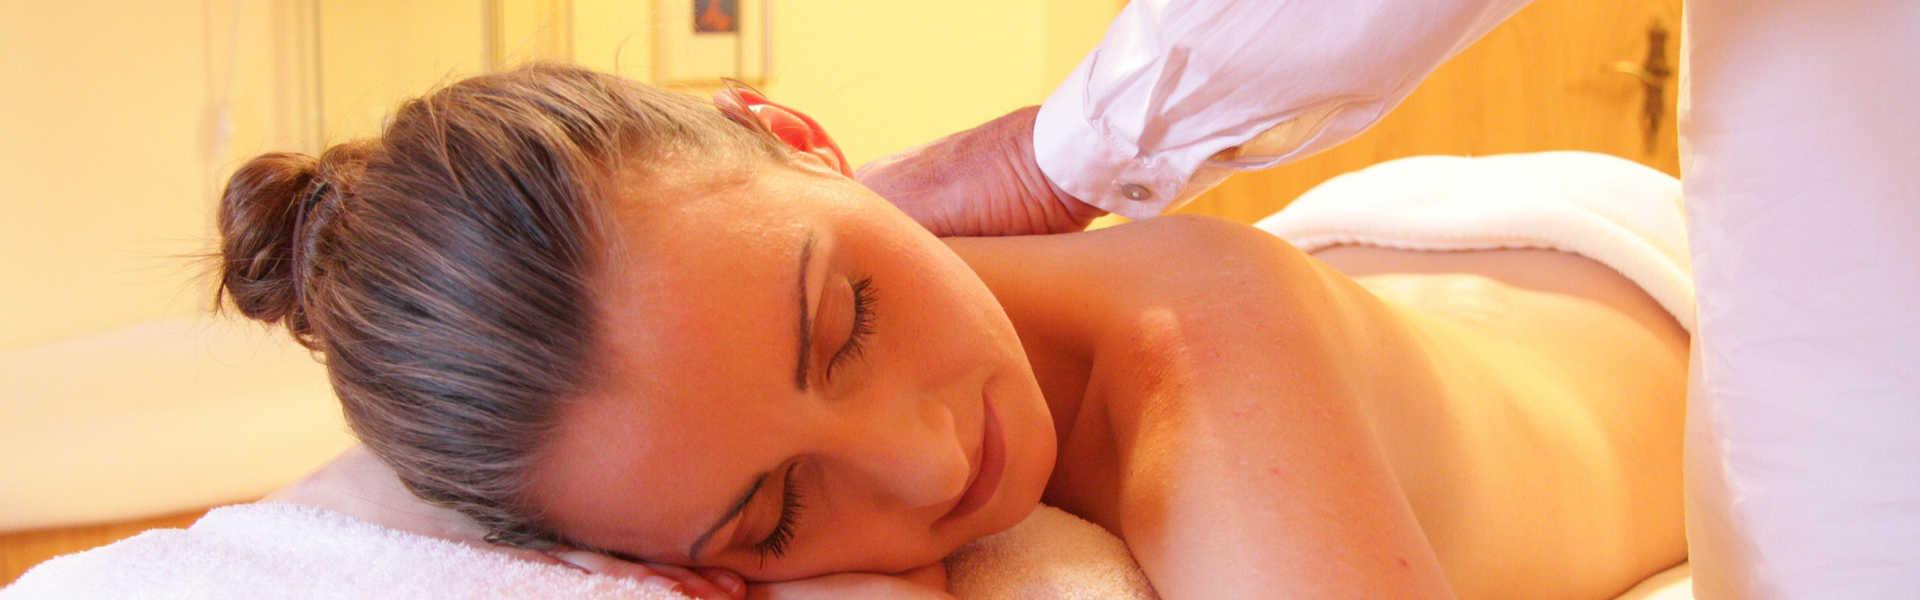 Frau liegt entspannt auf Liege-Massage, phaidros.org, Hypnose